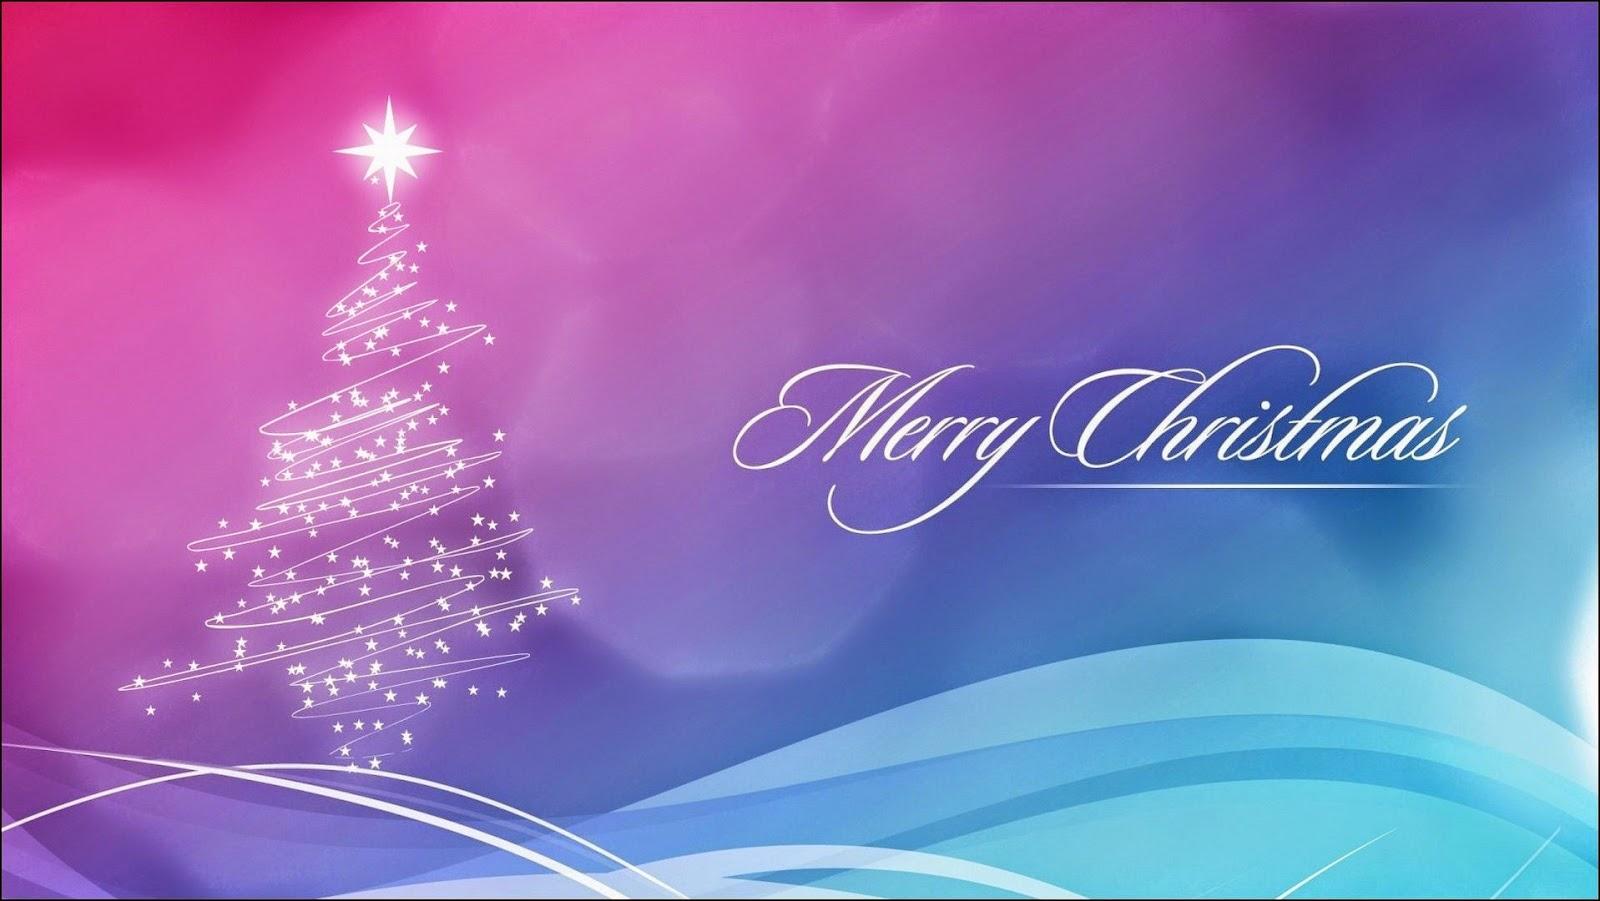 Imagenes de Cartas de Navidad en Ingles Navidad en Ingles y un